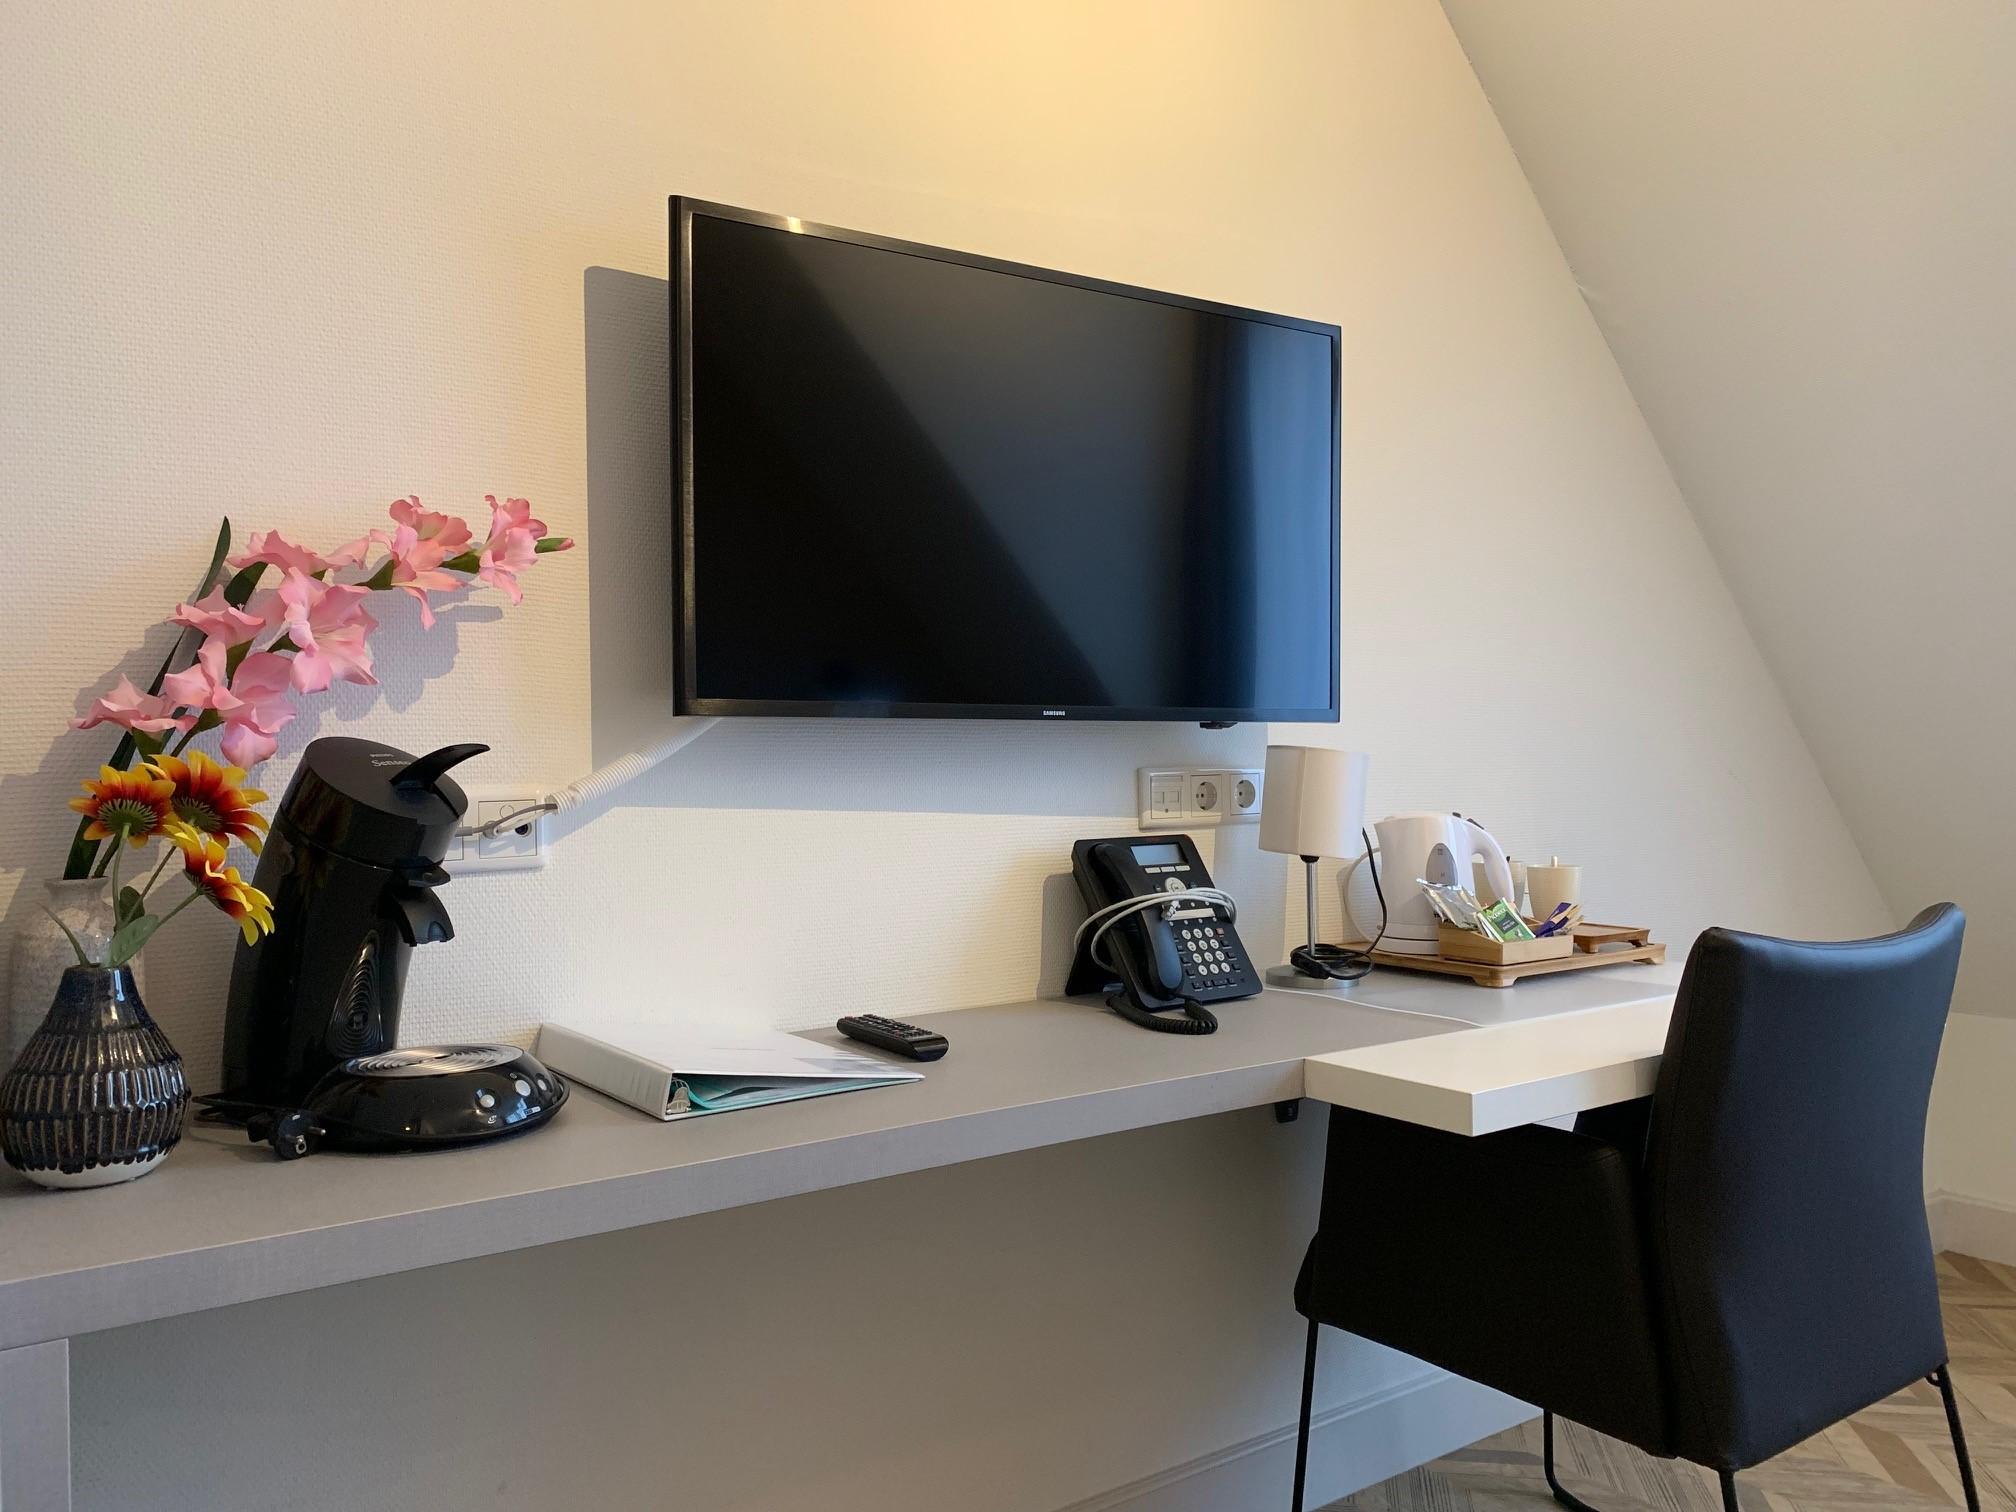 Kleiner Kühlschrank Im Hotelzimmer : Kat. b u2013 standard zimmer hotelzimmer hotel in den brouwery